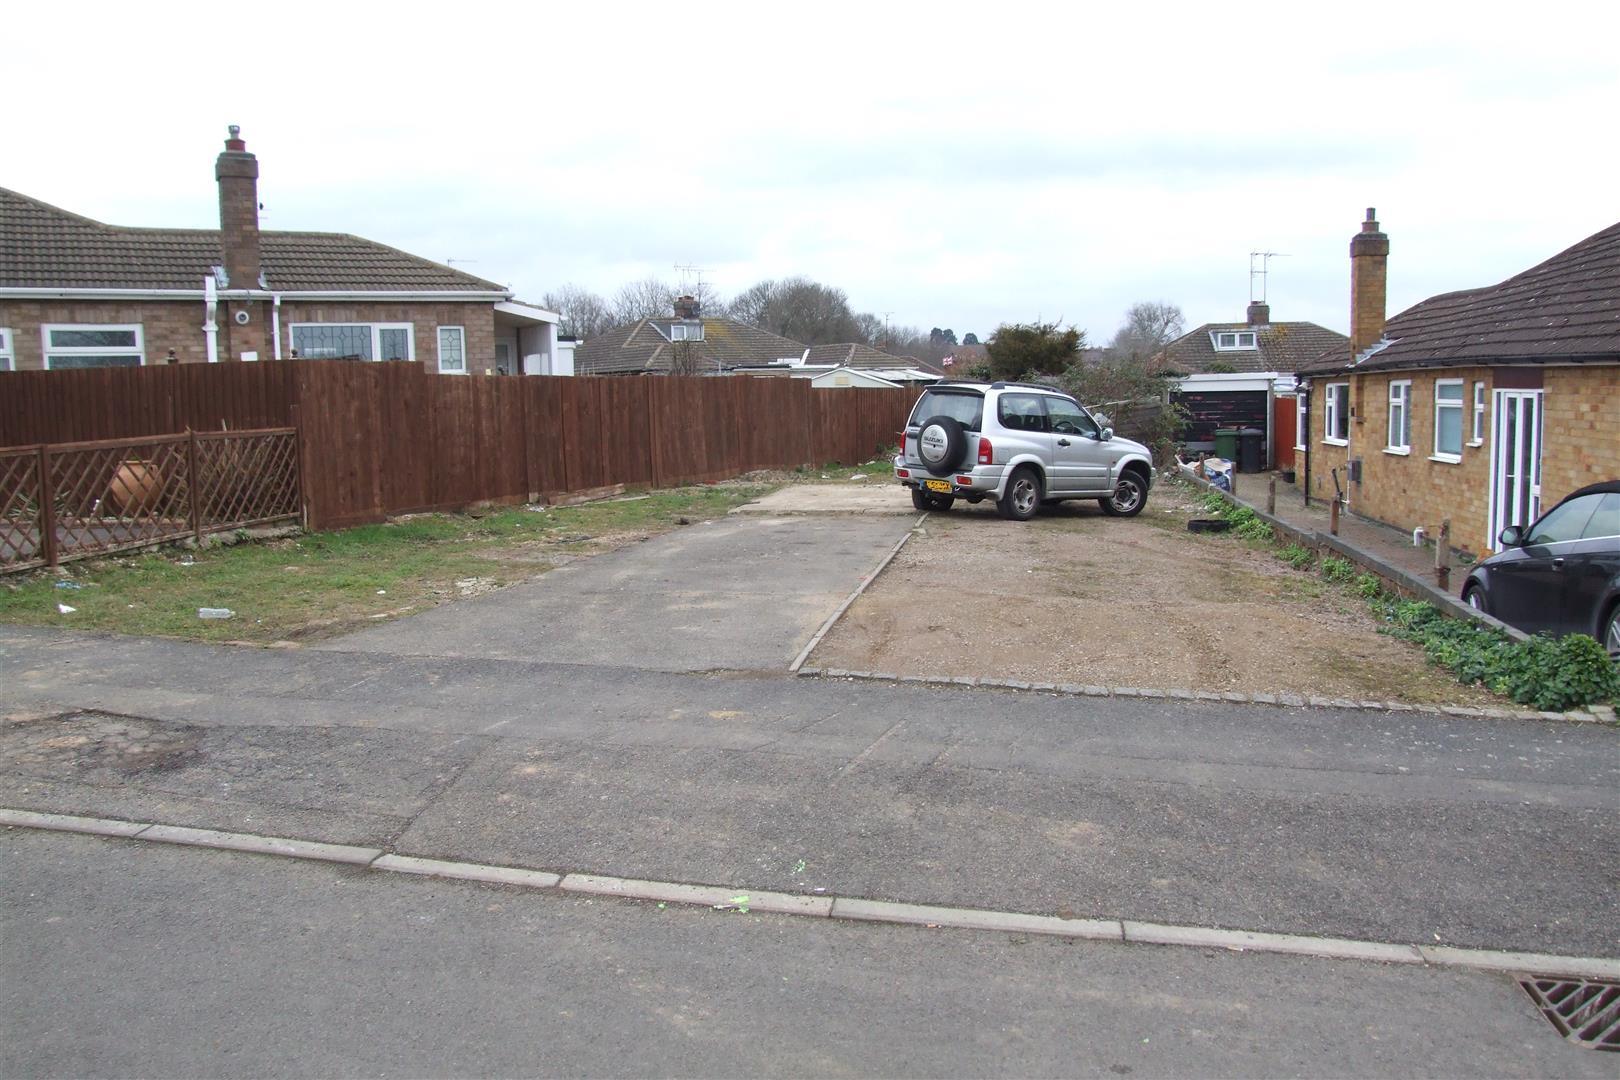 Harvey Road, Wellingborough NN8 2BW